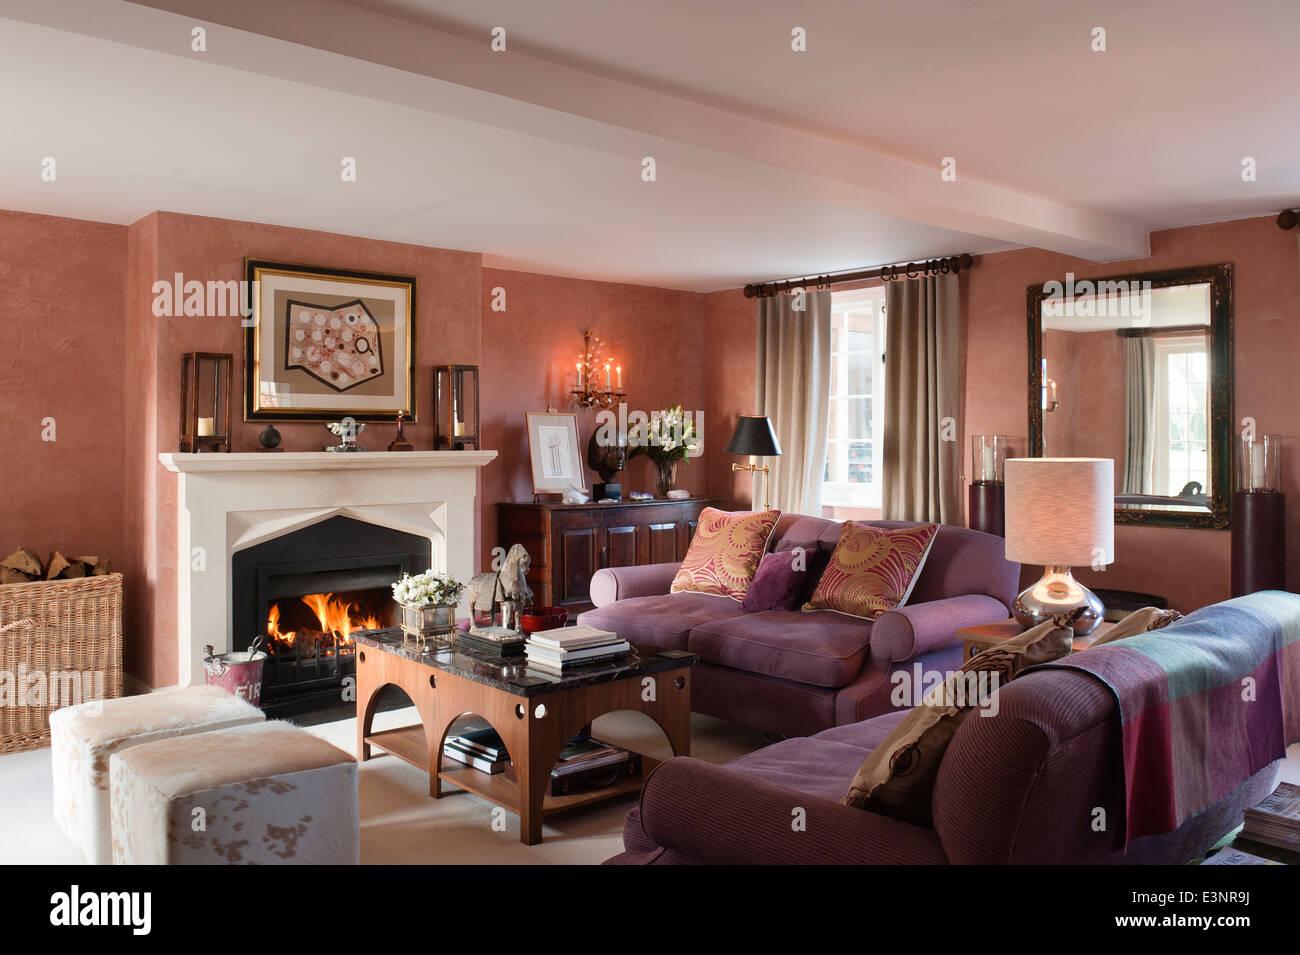 Marmor Couchtisch Spitze Und Kuhhaut Sitzgelegenheiten Würfel, Die Beide  Entwerfen Und Beckford In Wohn Und Esszimmer Mit Kamin